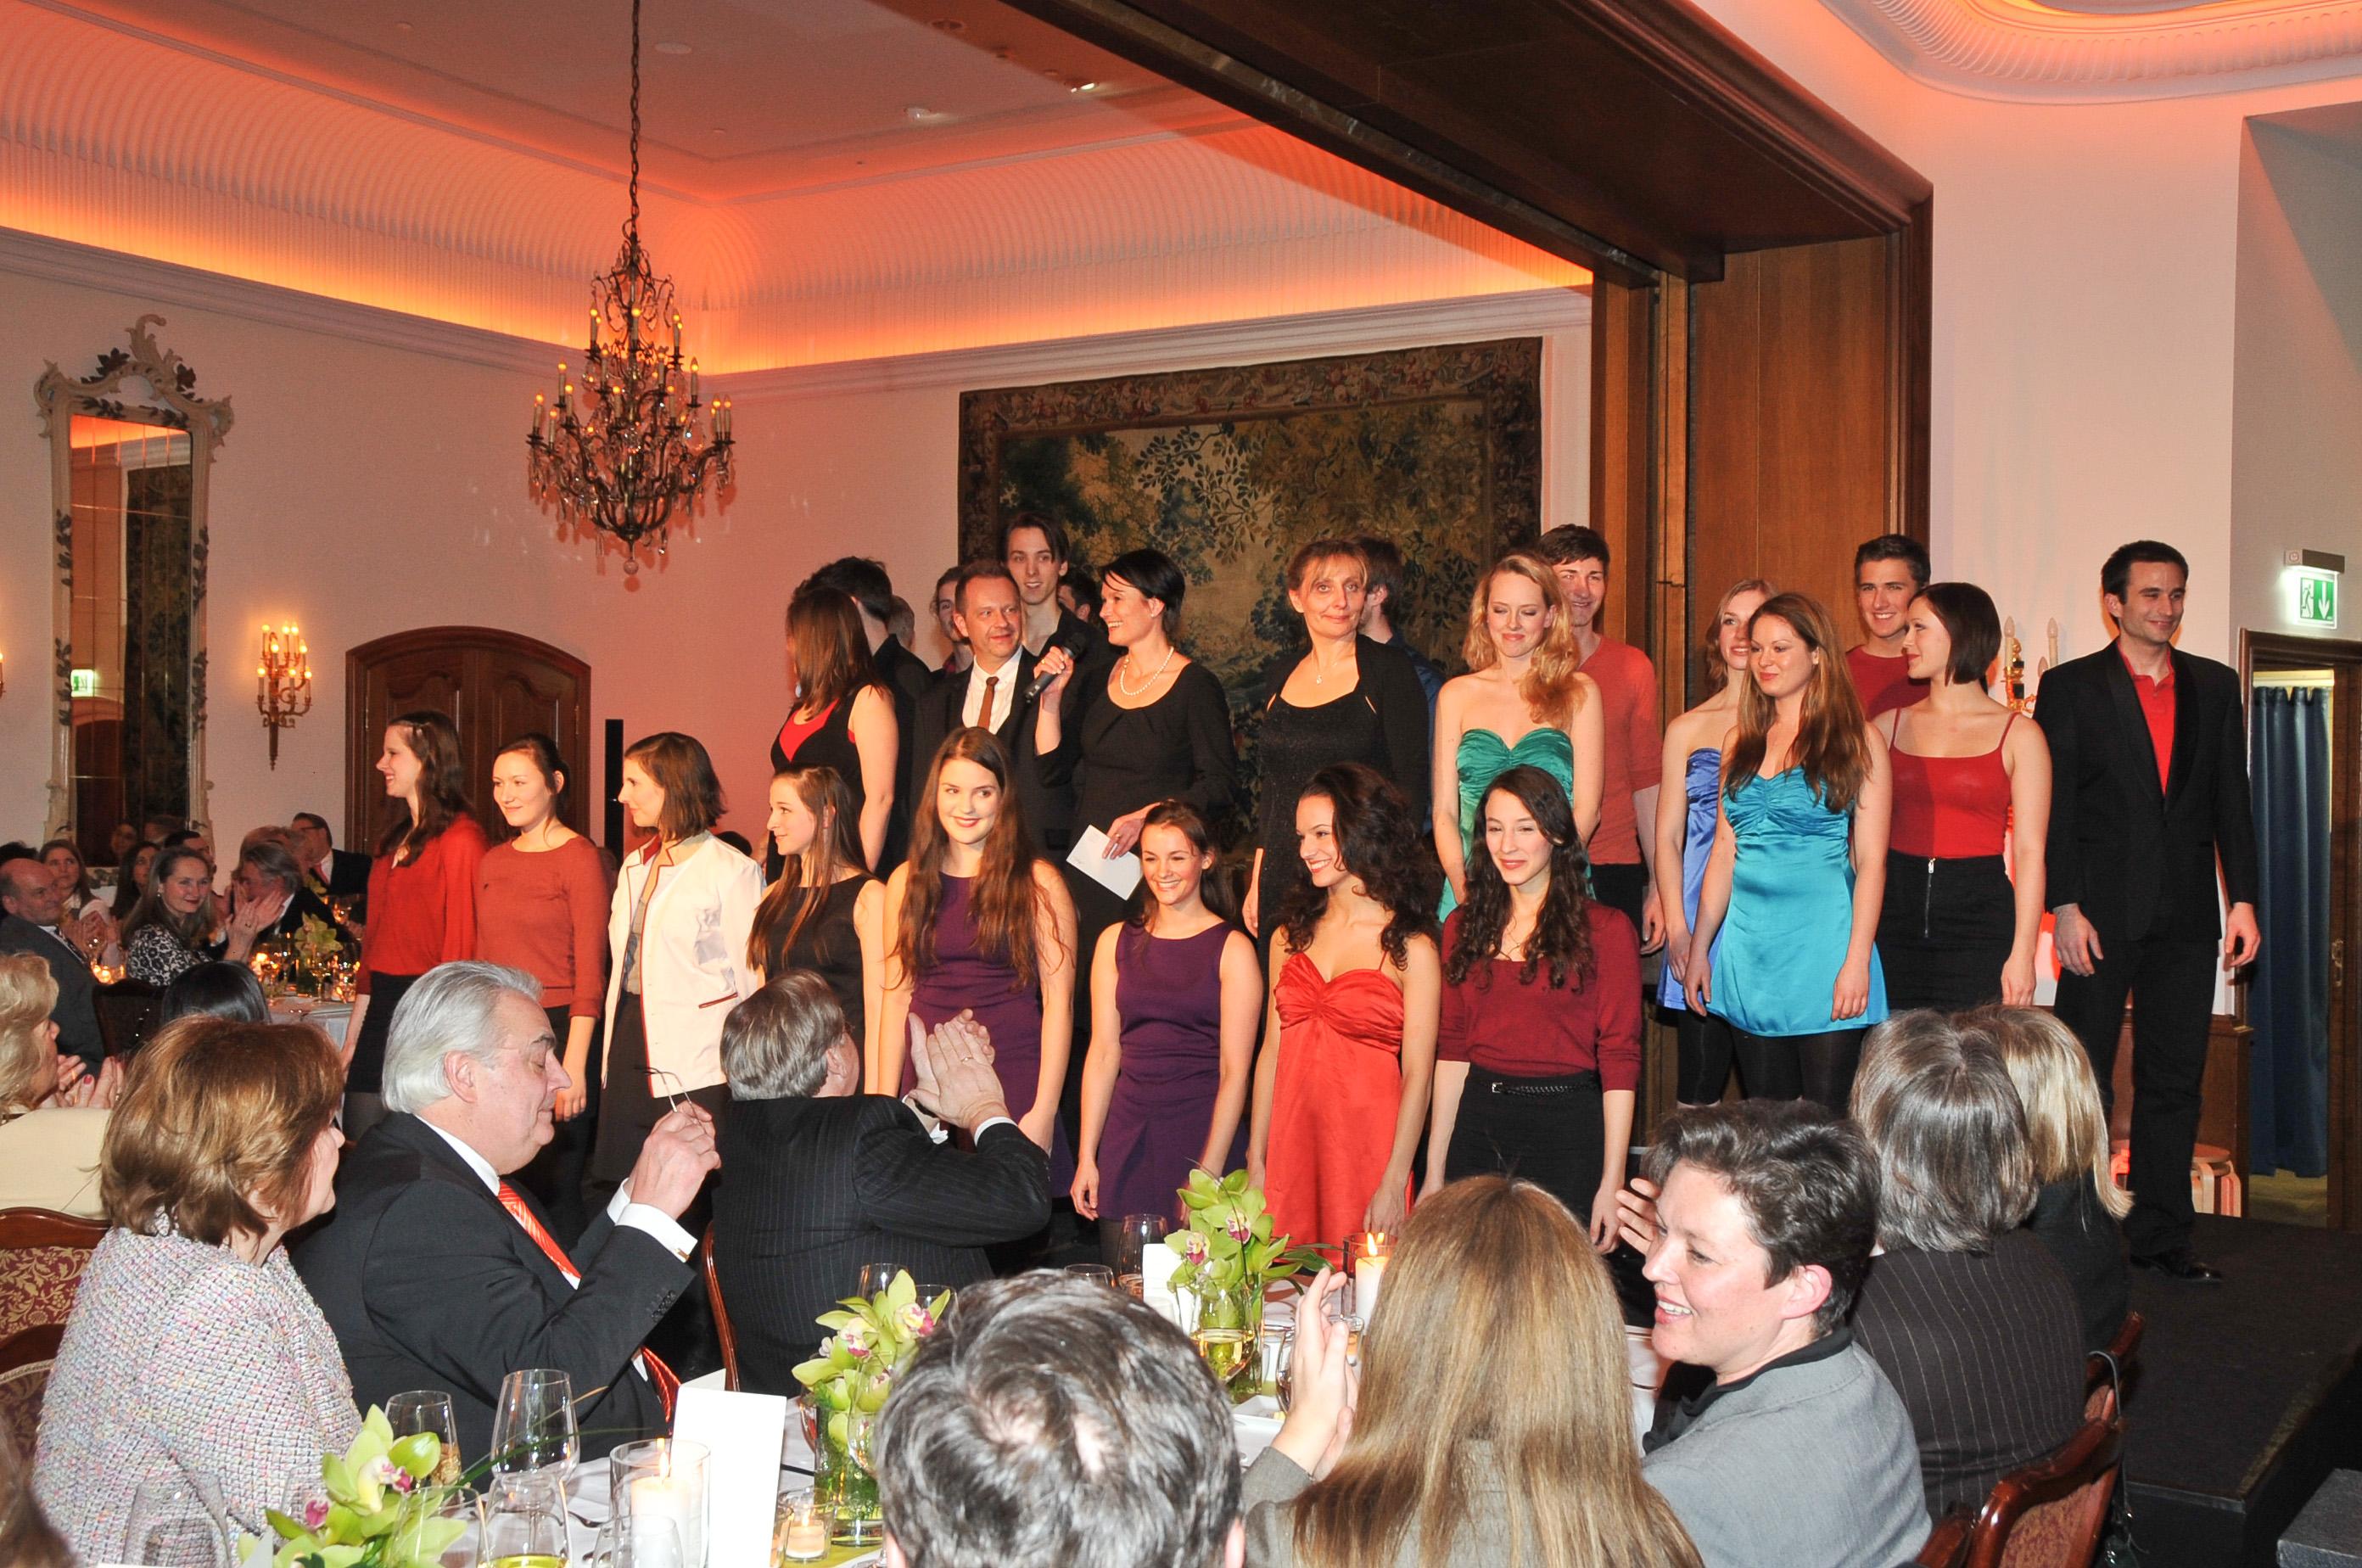 Auftritt der Joop van den Ende Musical Academy im Fairmont Hotel Vier Jahreszeiten Hamburg